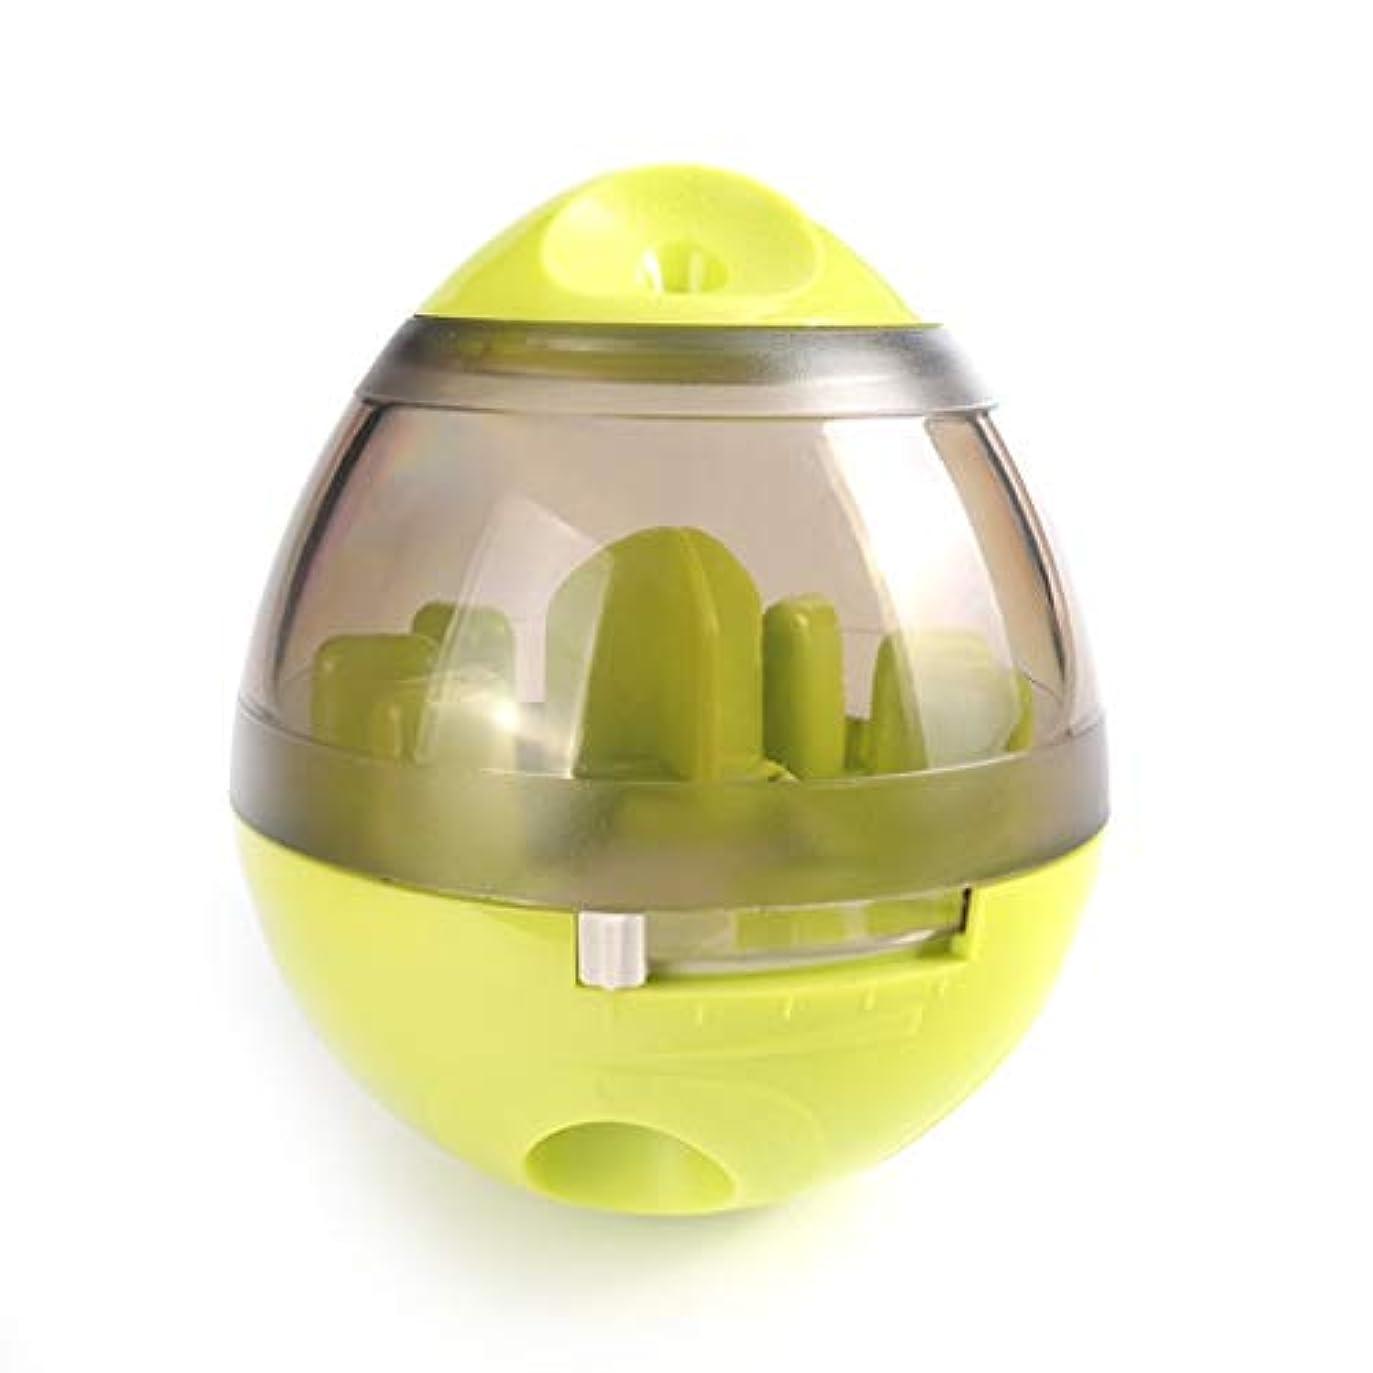 記念碑多数のびんIUYWLペットボール ペット用おもちゃ、タンブラーラバーベース、噛みにくいペット、フードボール、パズルペットトレーニングボール IUYWLペットボール (Color : Green)